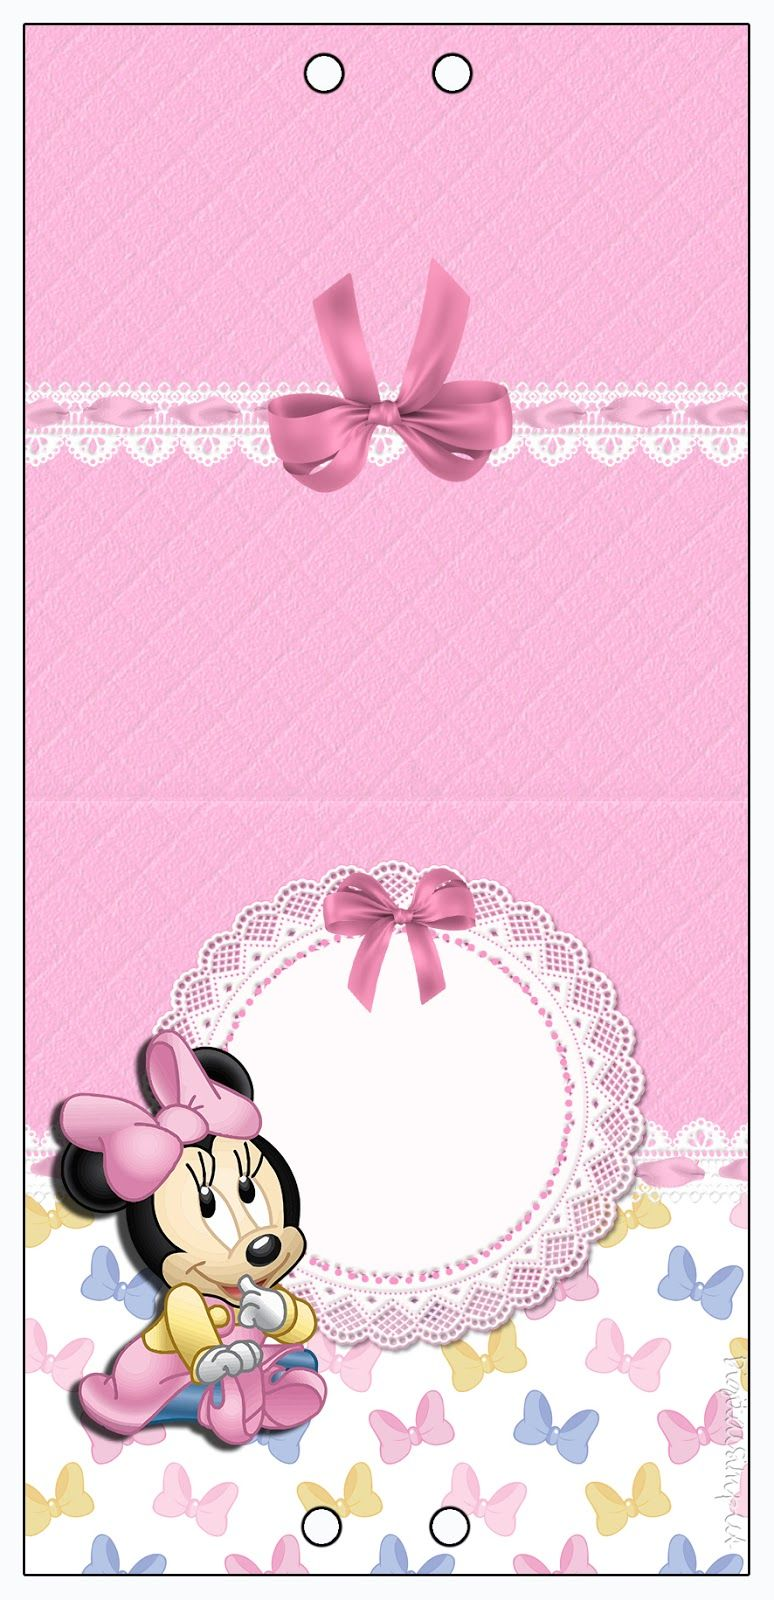 Kit De Personalizados Minnie Mouse Baby Para Imprimir Festa Da